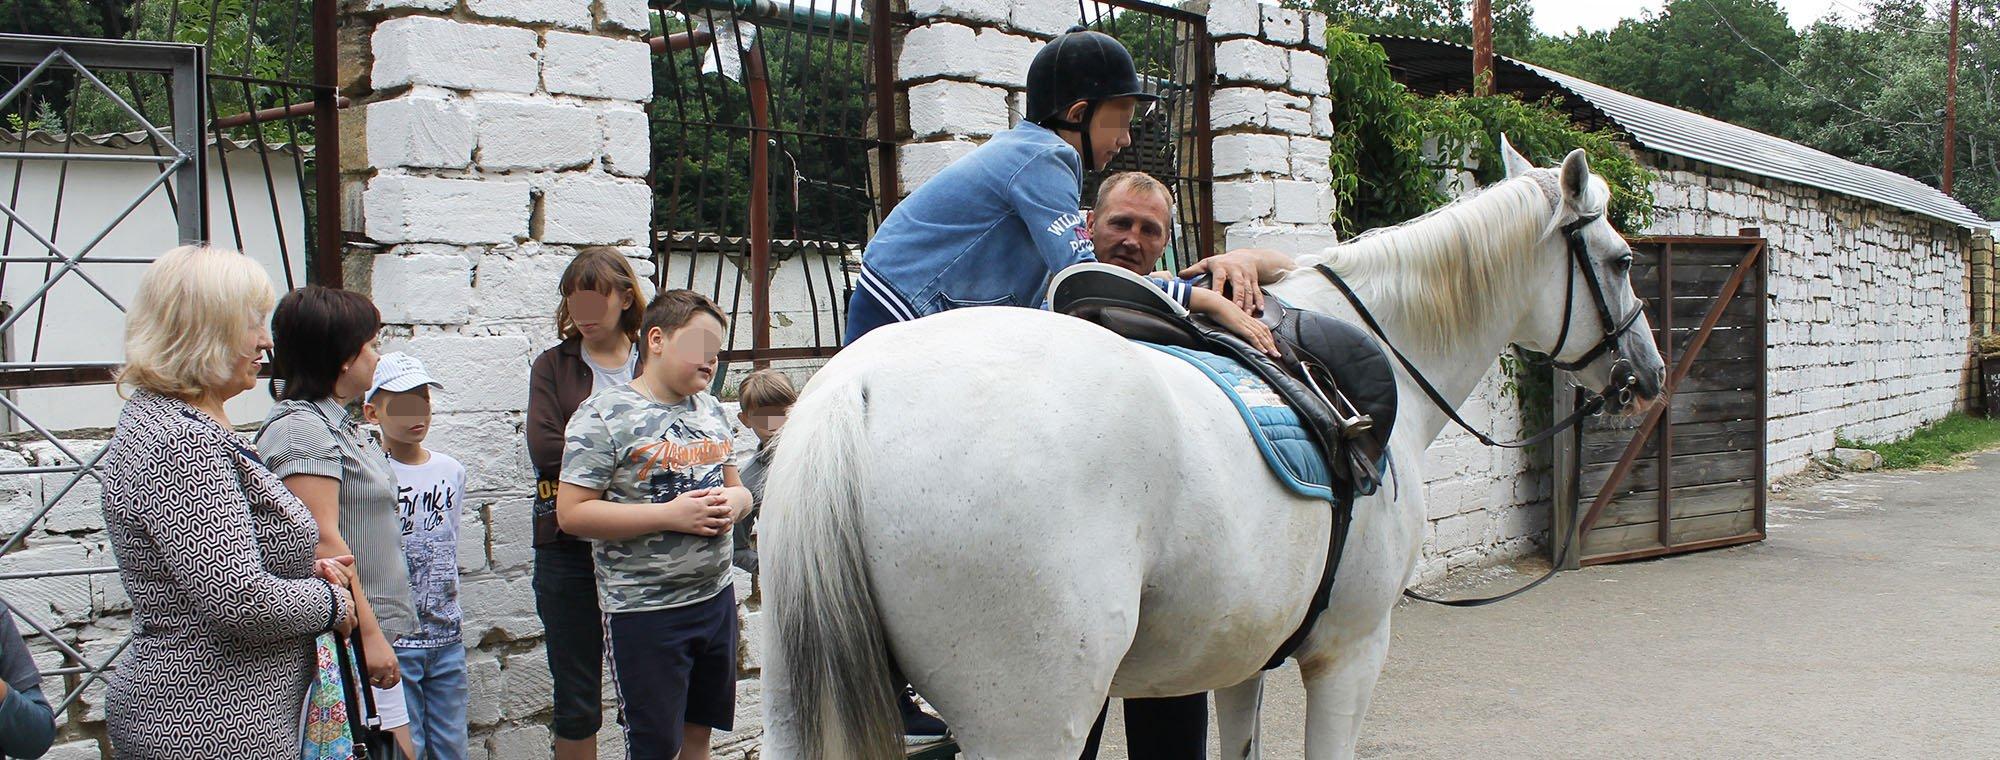 Иппотерапия: маленькие пациенты детского диспансерного отделения посетили конно-спортивный клуб